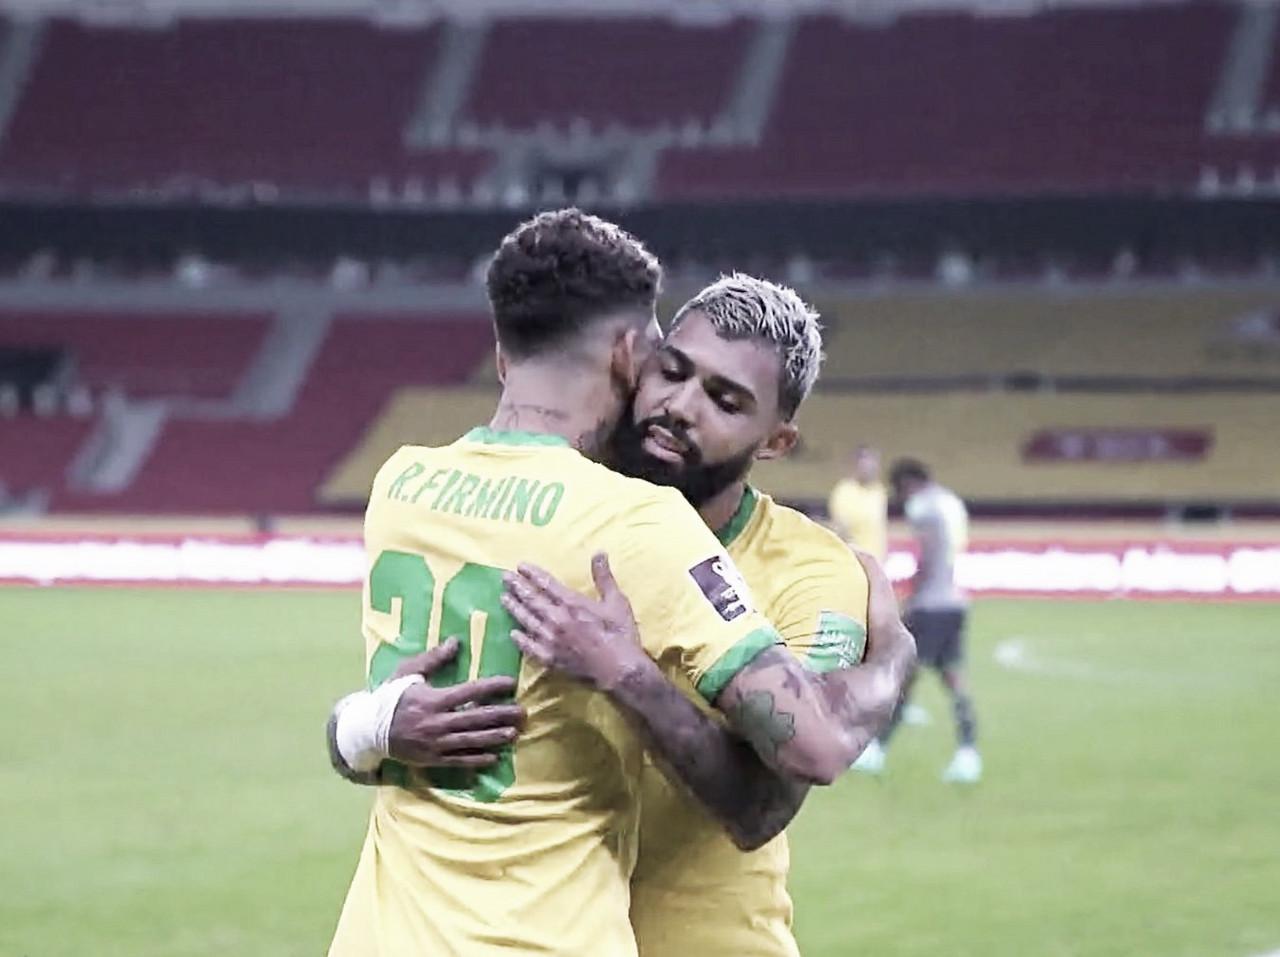 Em dia polêmico, Tite esboça alterações no time titular da seleção brasileira